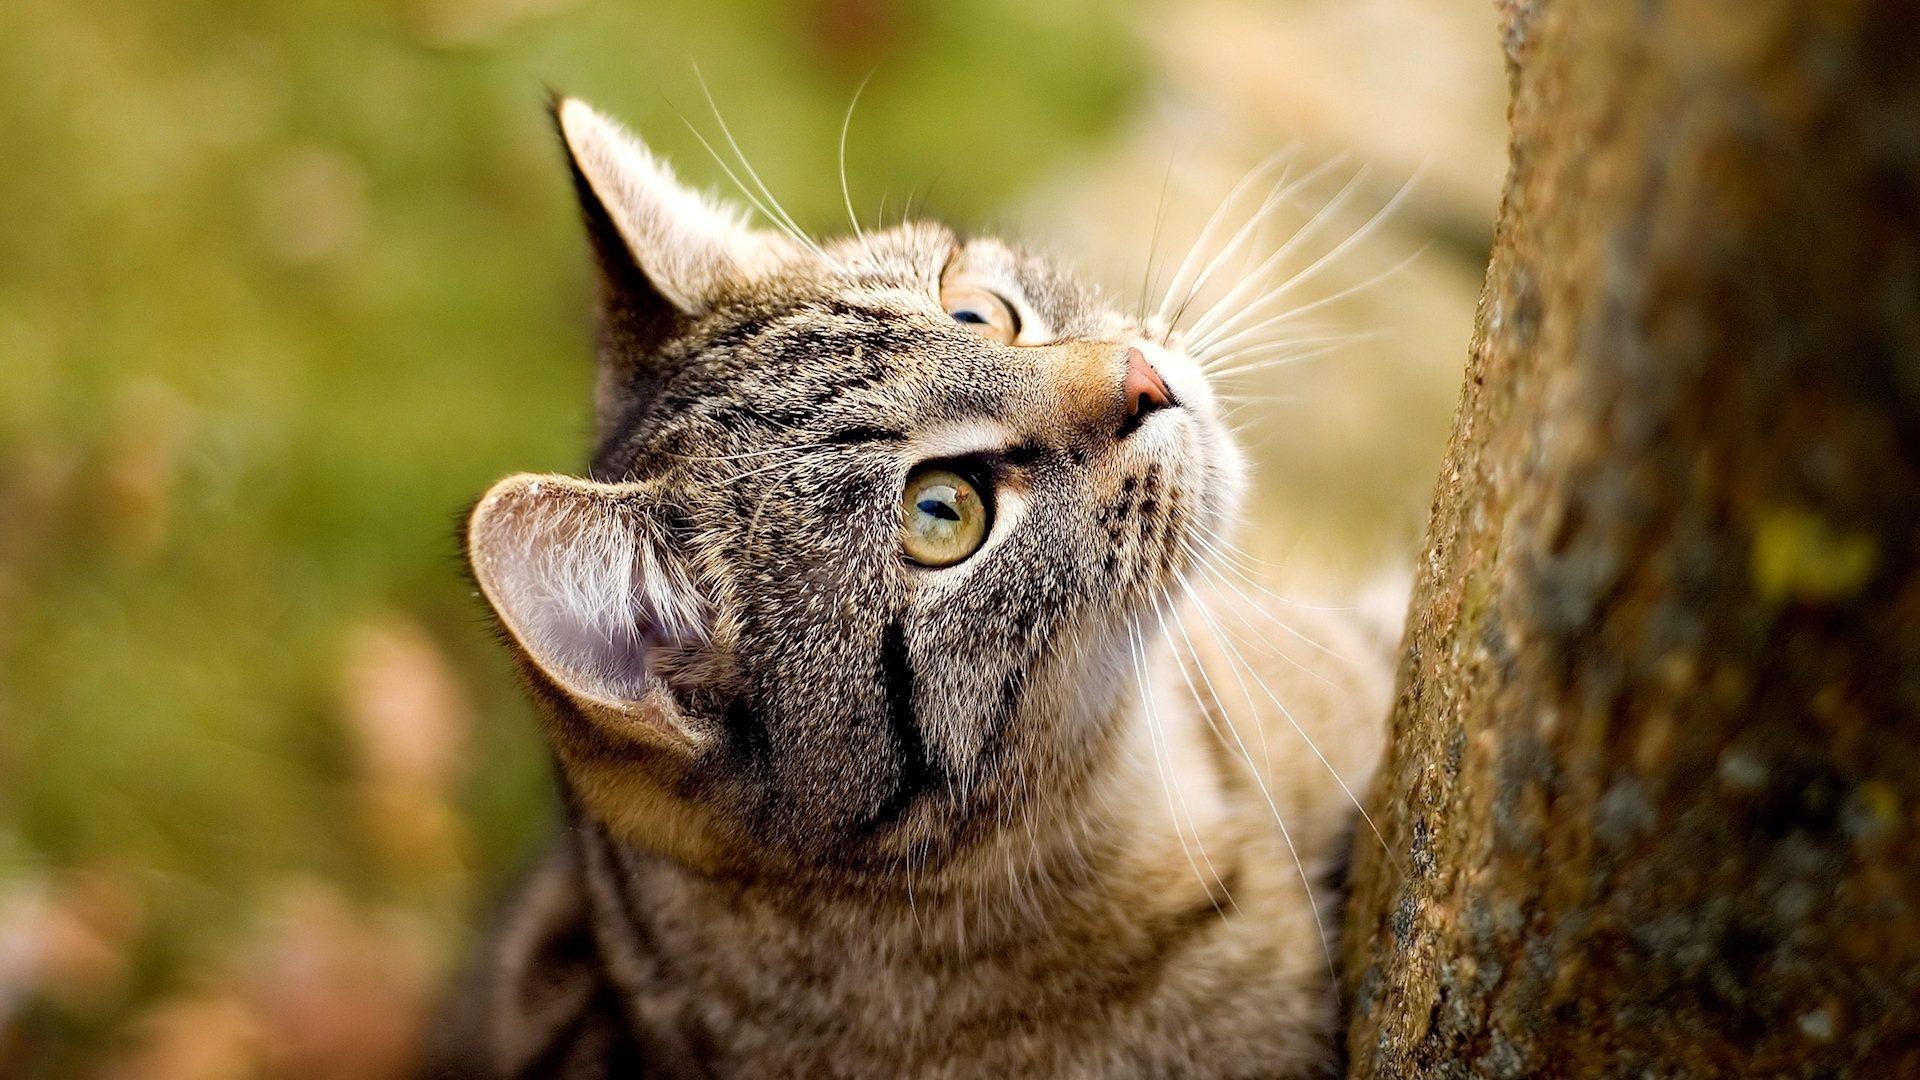 Cat Desktop images